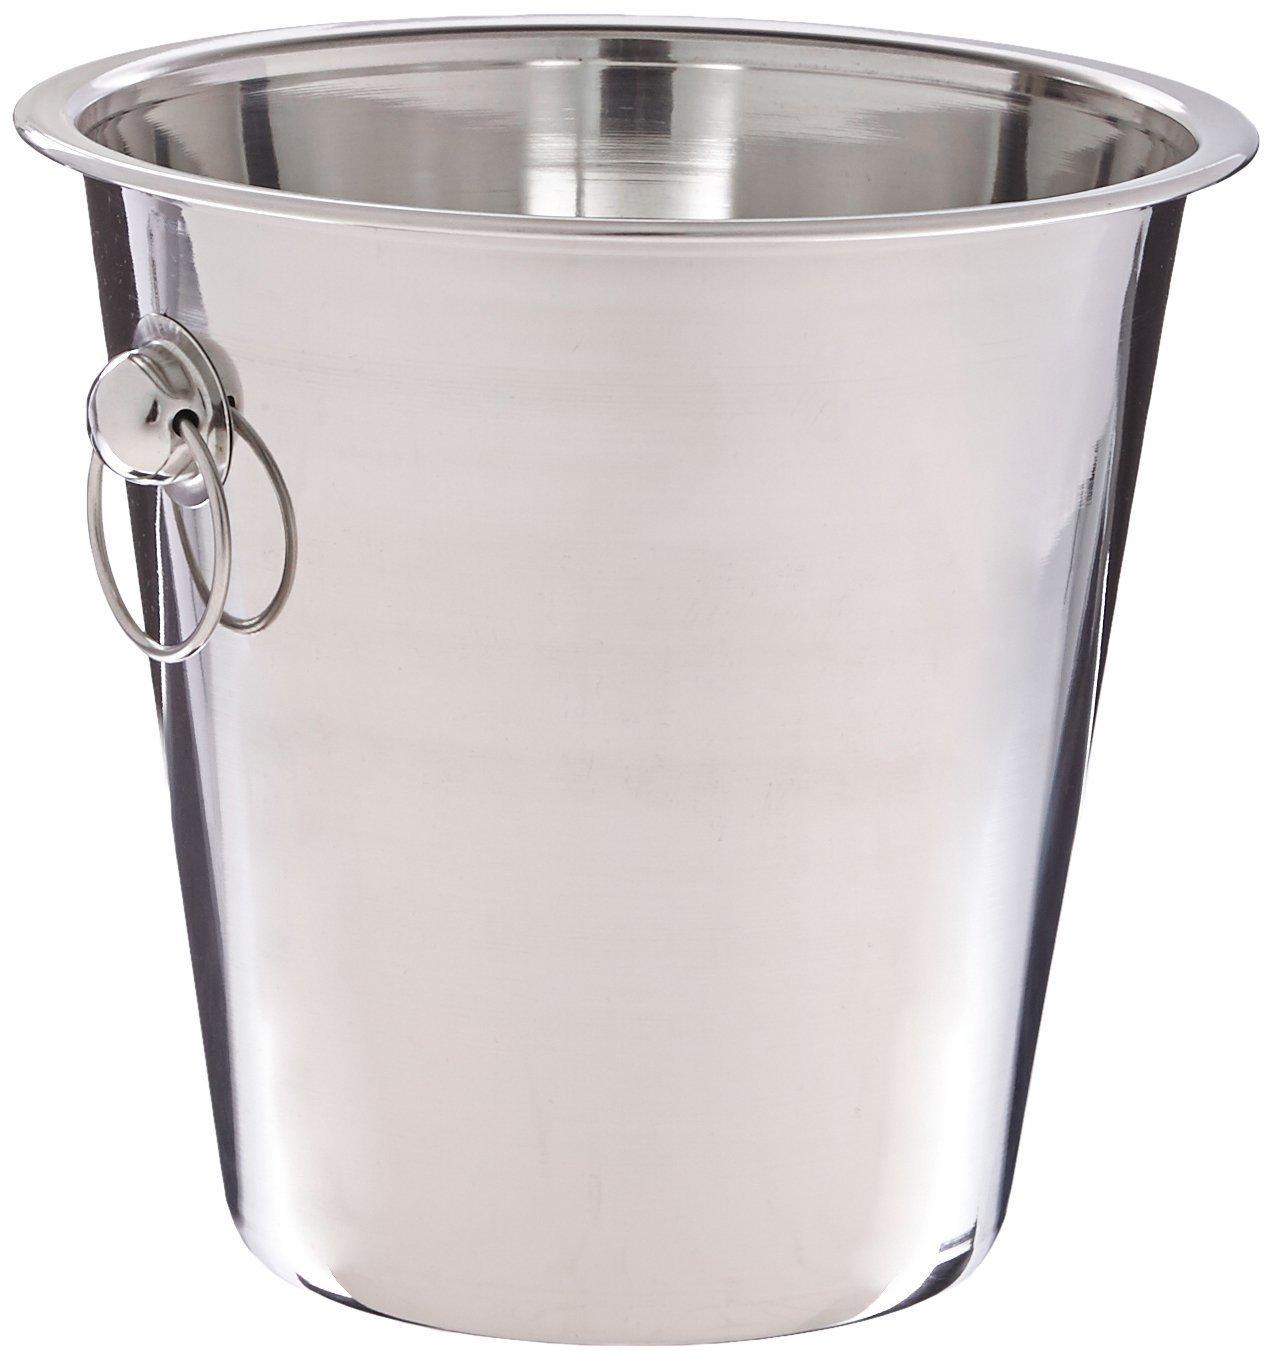 Winco WB-4 4 Quart Wine Bucket by Winco